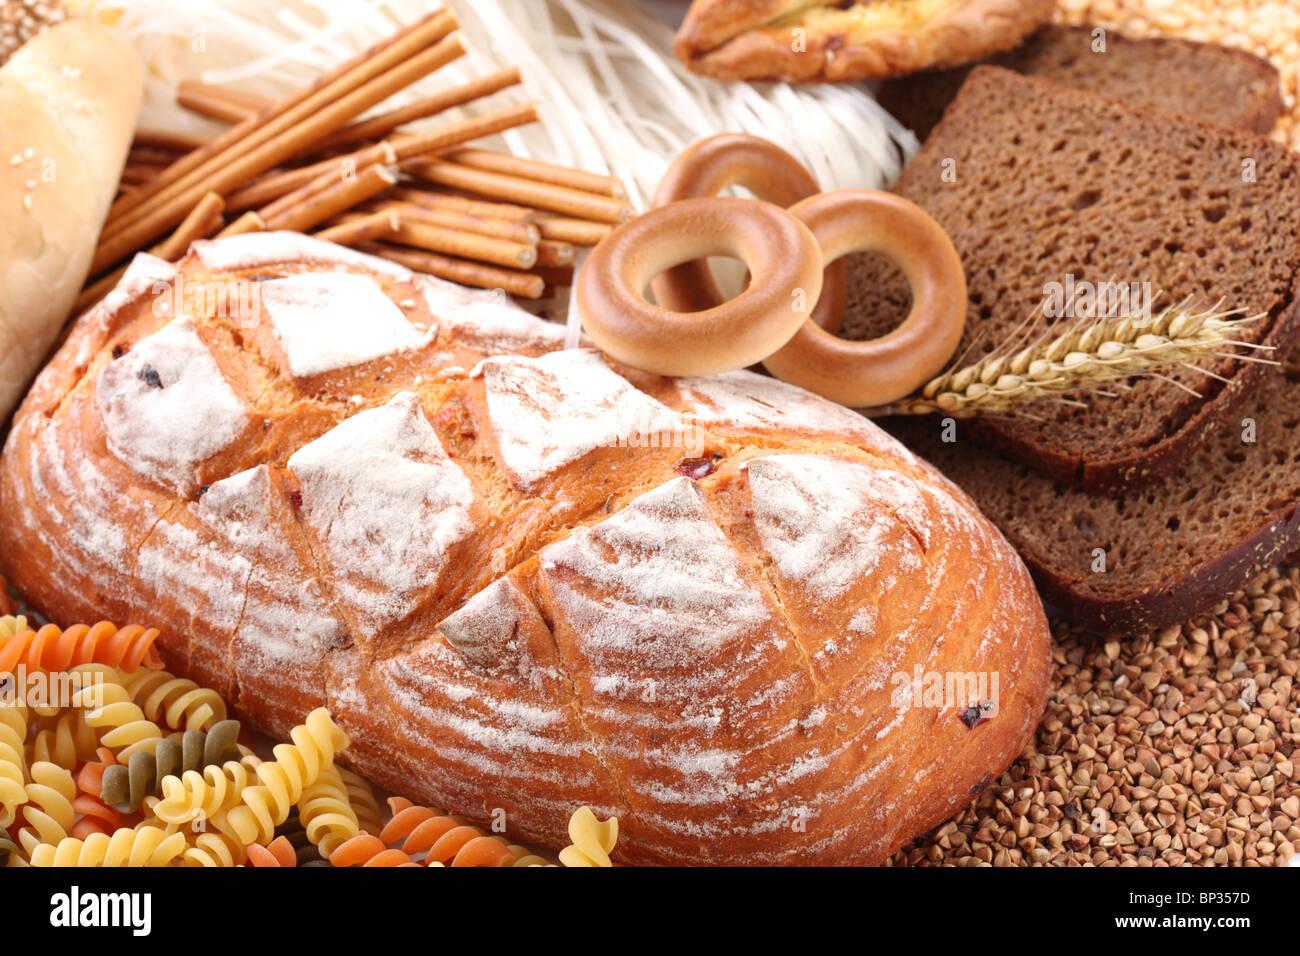 À des produits de boulangerie Banque D'Images